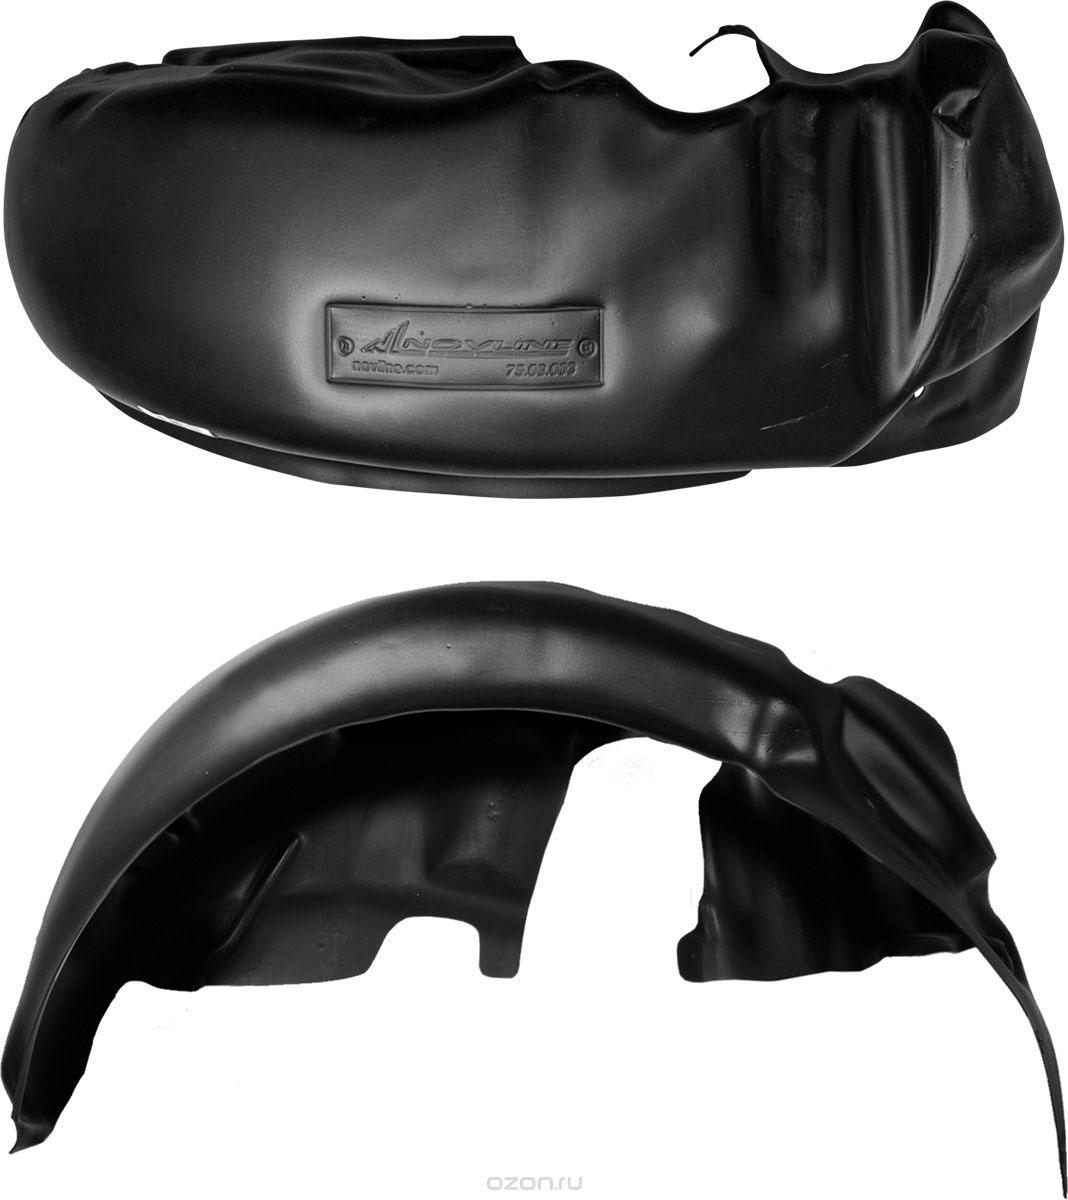 Подкрылок Novline-Autofamily, для ВАЗ 11183 Kalina 2004-2013, б/б, задний левый004603Идеальная защита колесной ниши. Локеры разработаны с применением цифровых технологий, гарантируют максимальную повторяемость поверхности арки. Изделия устанавливаются без нарушения лакокрасочного покрытия автомобиля, каждый подкрылок комплектуется крепежом. Уважаемые клиенты, обращаем ваше внимание, что фотографии на подкрылки универсальные и не отражают реальную форму изделия. При этом само изделие идет точно под размер указанного автомобиля.